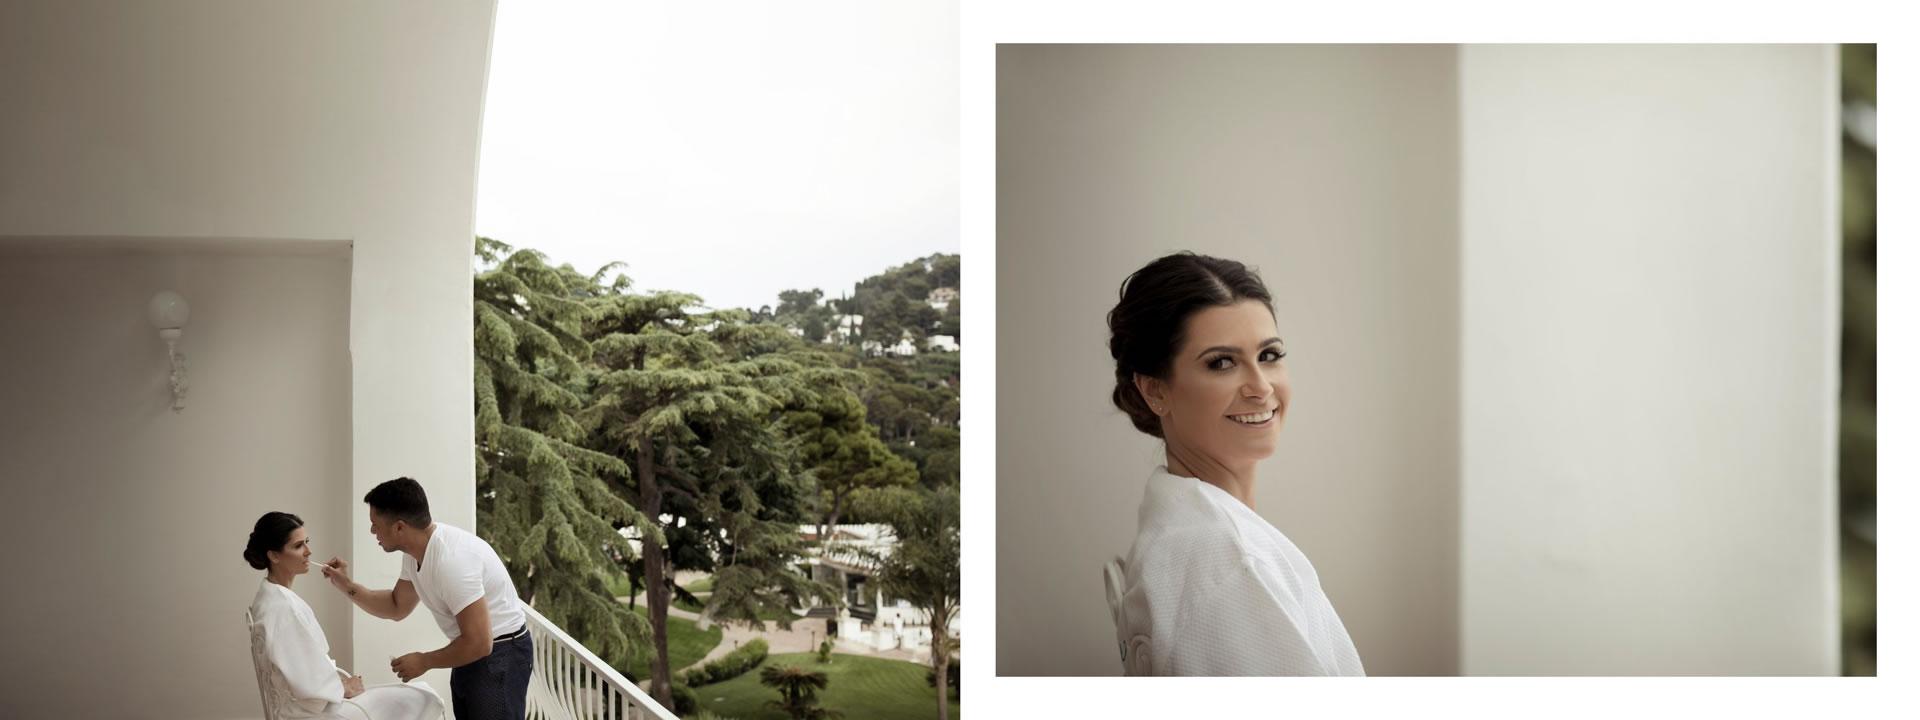 - 25 :: Jewish luxury wedding weekend in Capri :: Luxury wedding photography - 24 ::  - 25